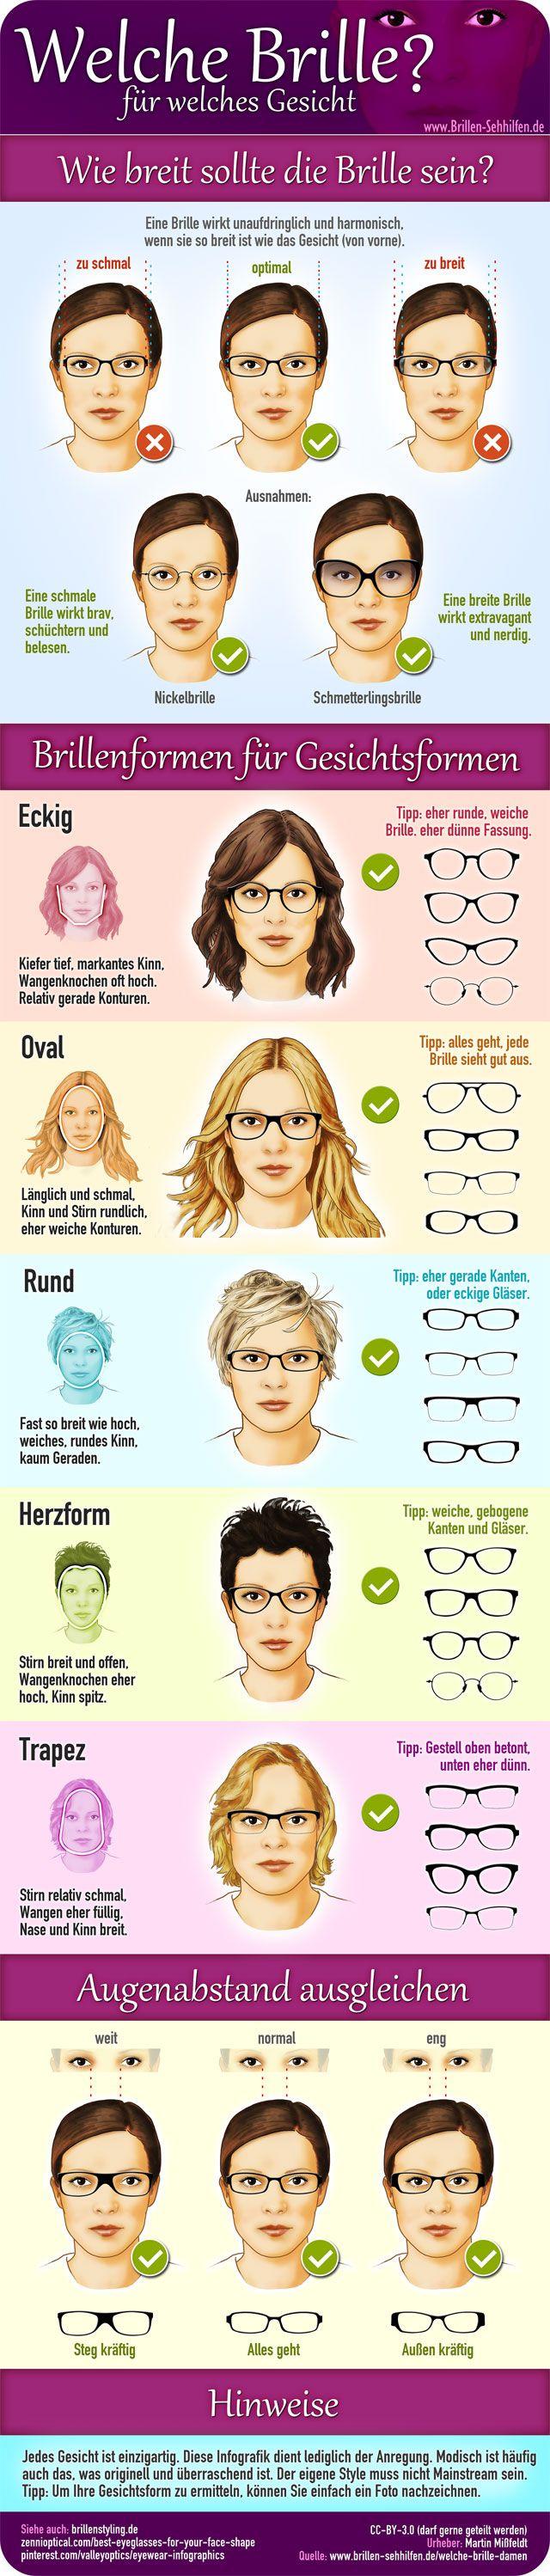 Welche Brille für welches Gesicht (Damenbrille) -> Quelle und mehr Infos: http://www.brillen-sehhilfen.de/welche-brille-damen/ #brille #brillen #infografik #mode